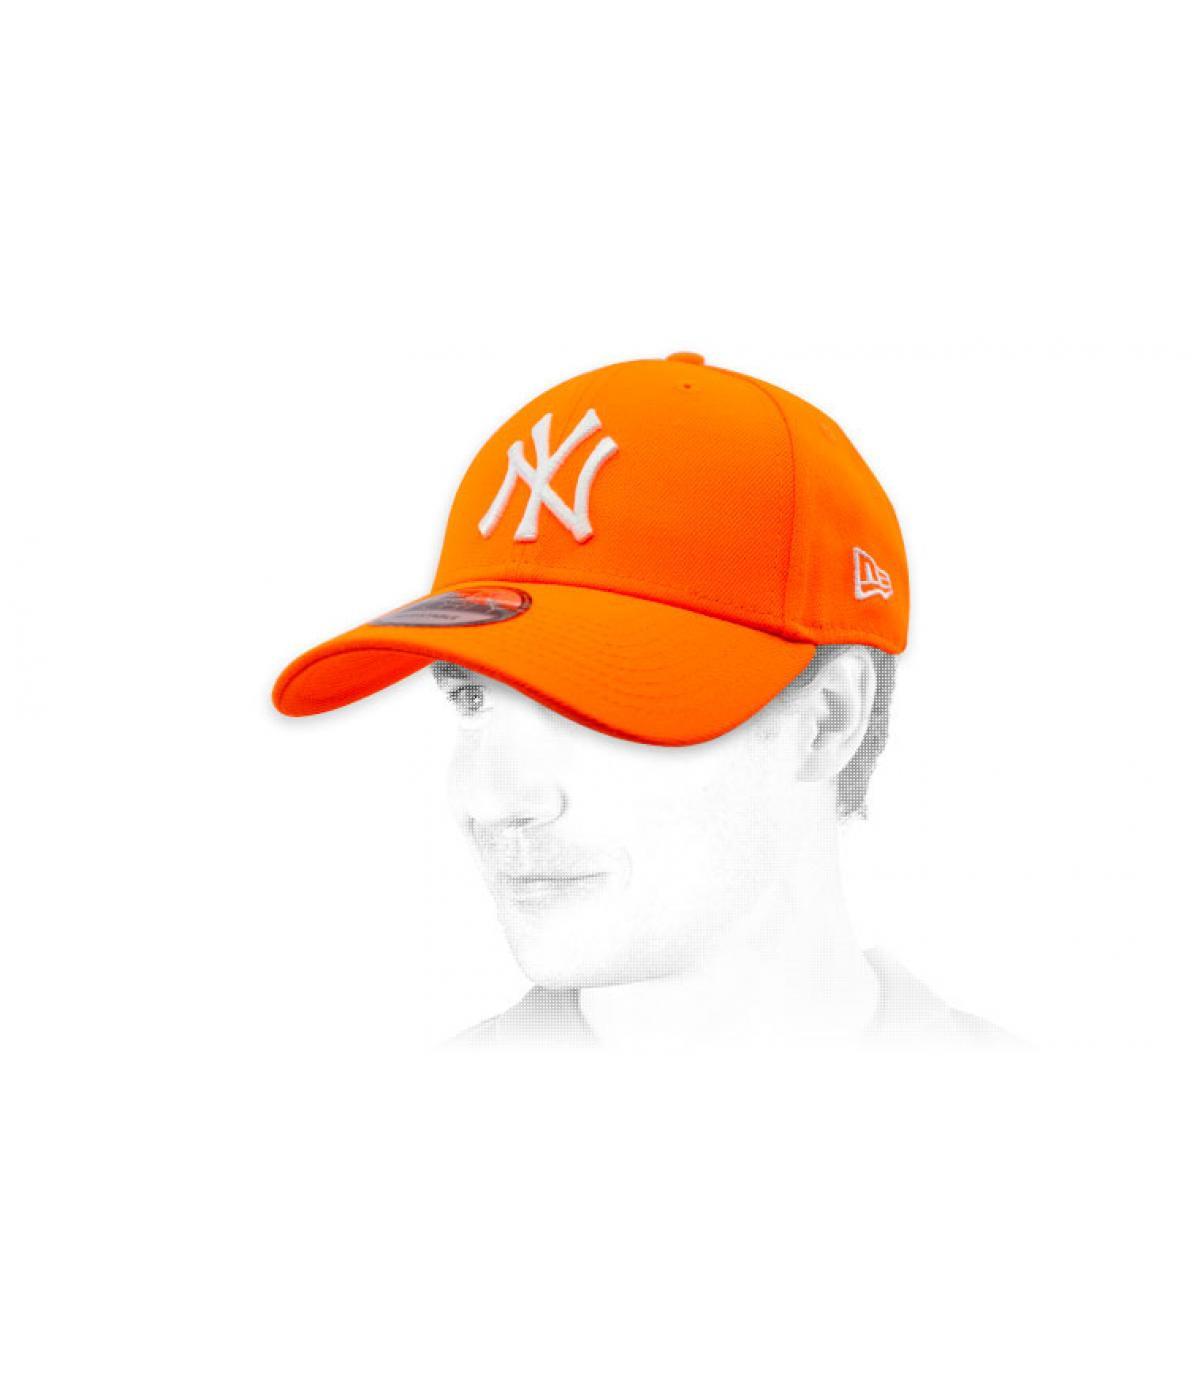 Casquette NY orange fluo